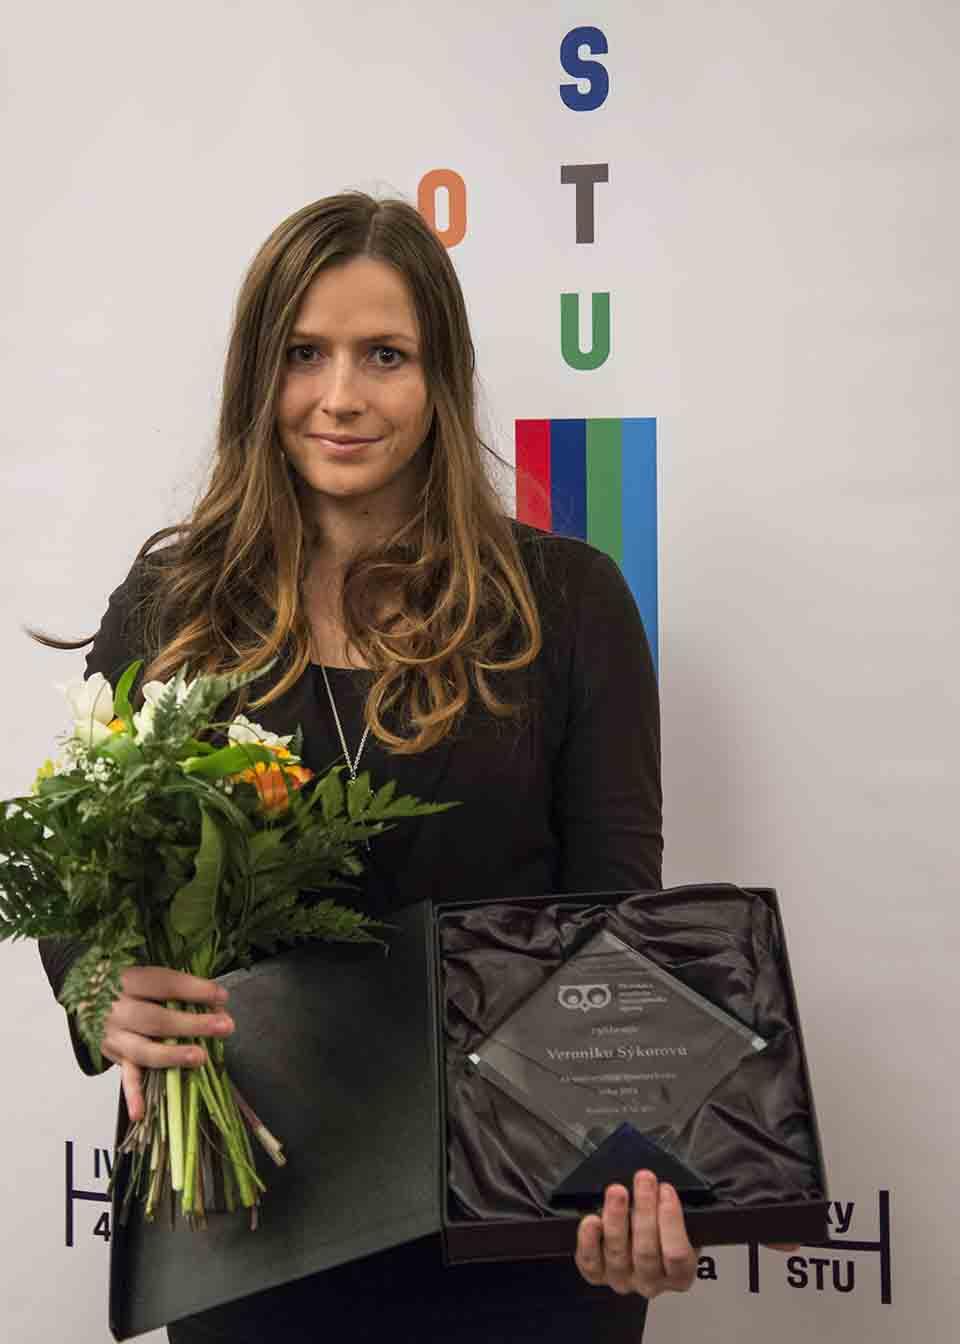 Na snímke strelkyňa Veronika Sýkorová získala hlavnú cenu Univerzitný športovec roka 2016 za prvé miesto v skeete na Akademických majstrovstvách sveta 2016, ktoré organizuje Medzinárodná federácia univerzitného športu (FISU) 8. decembra 2016 v Bratislave. FOTO TASR - Jakub Kotian